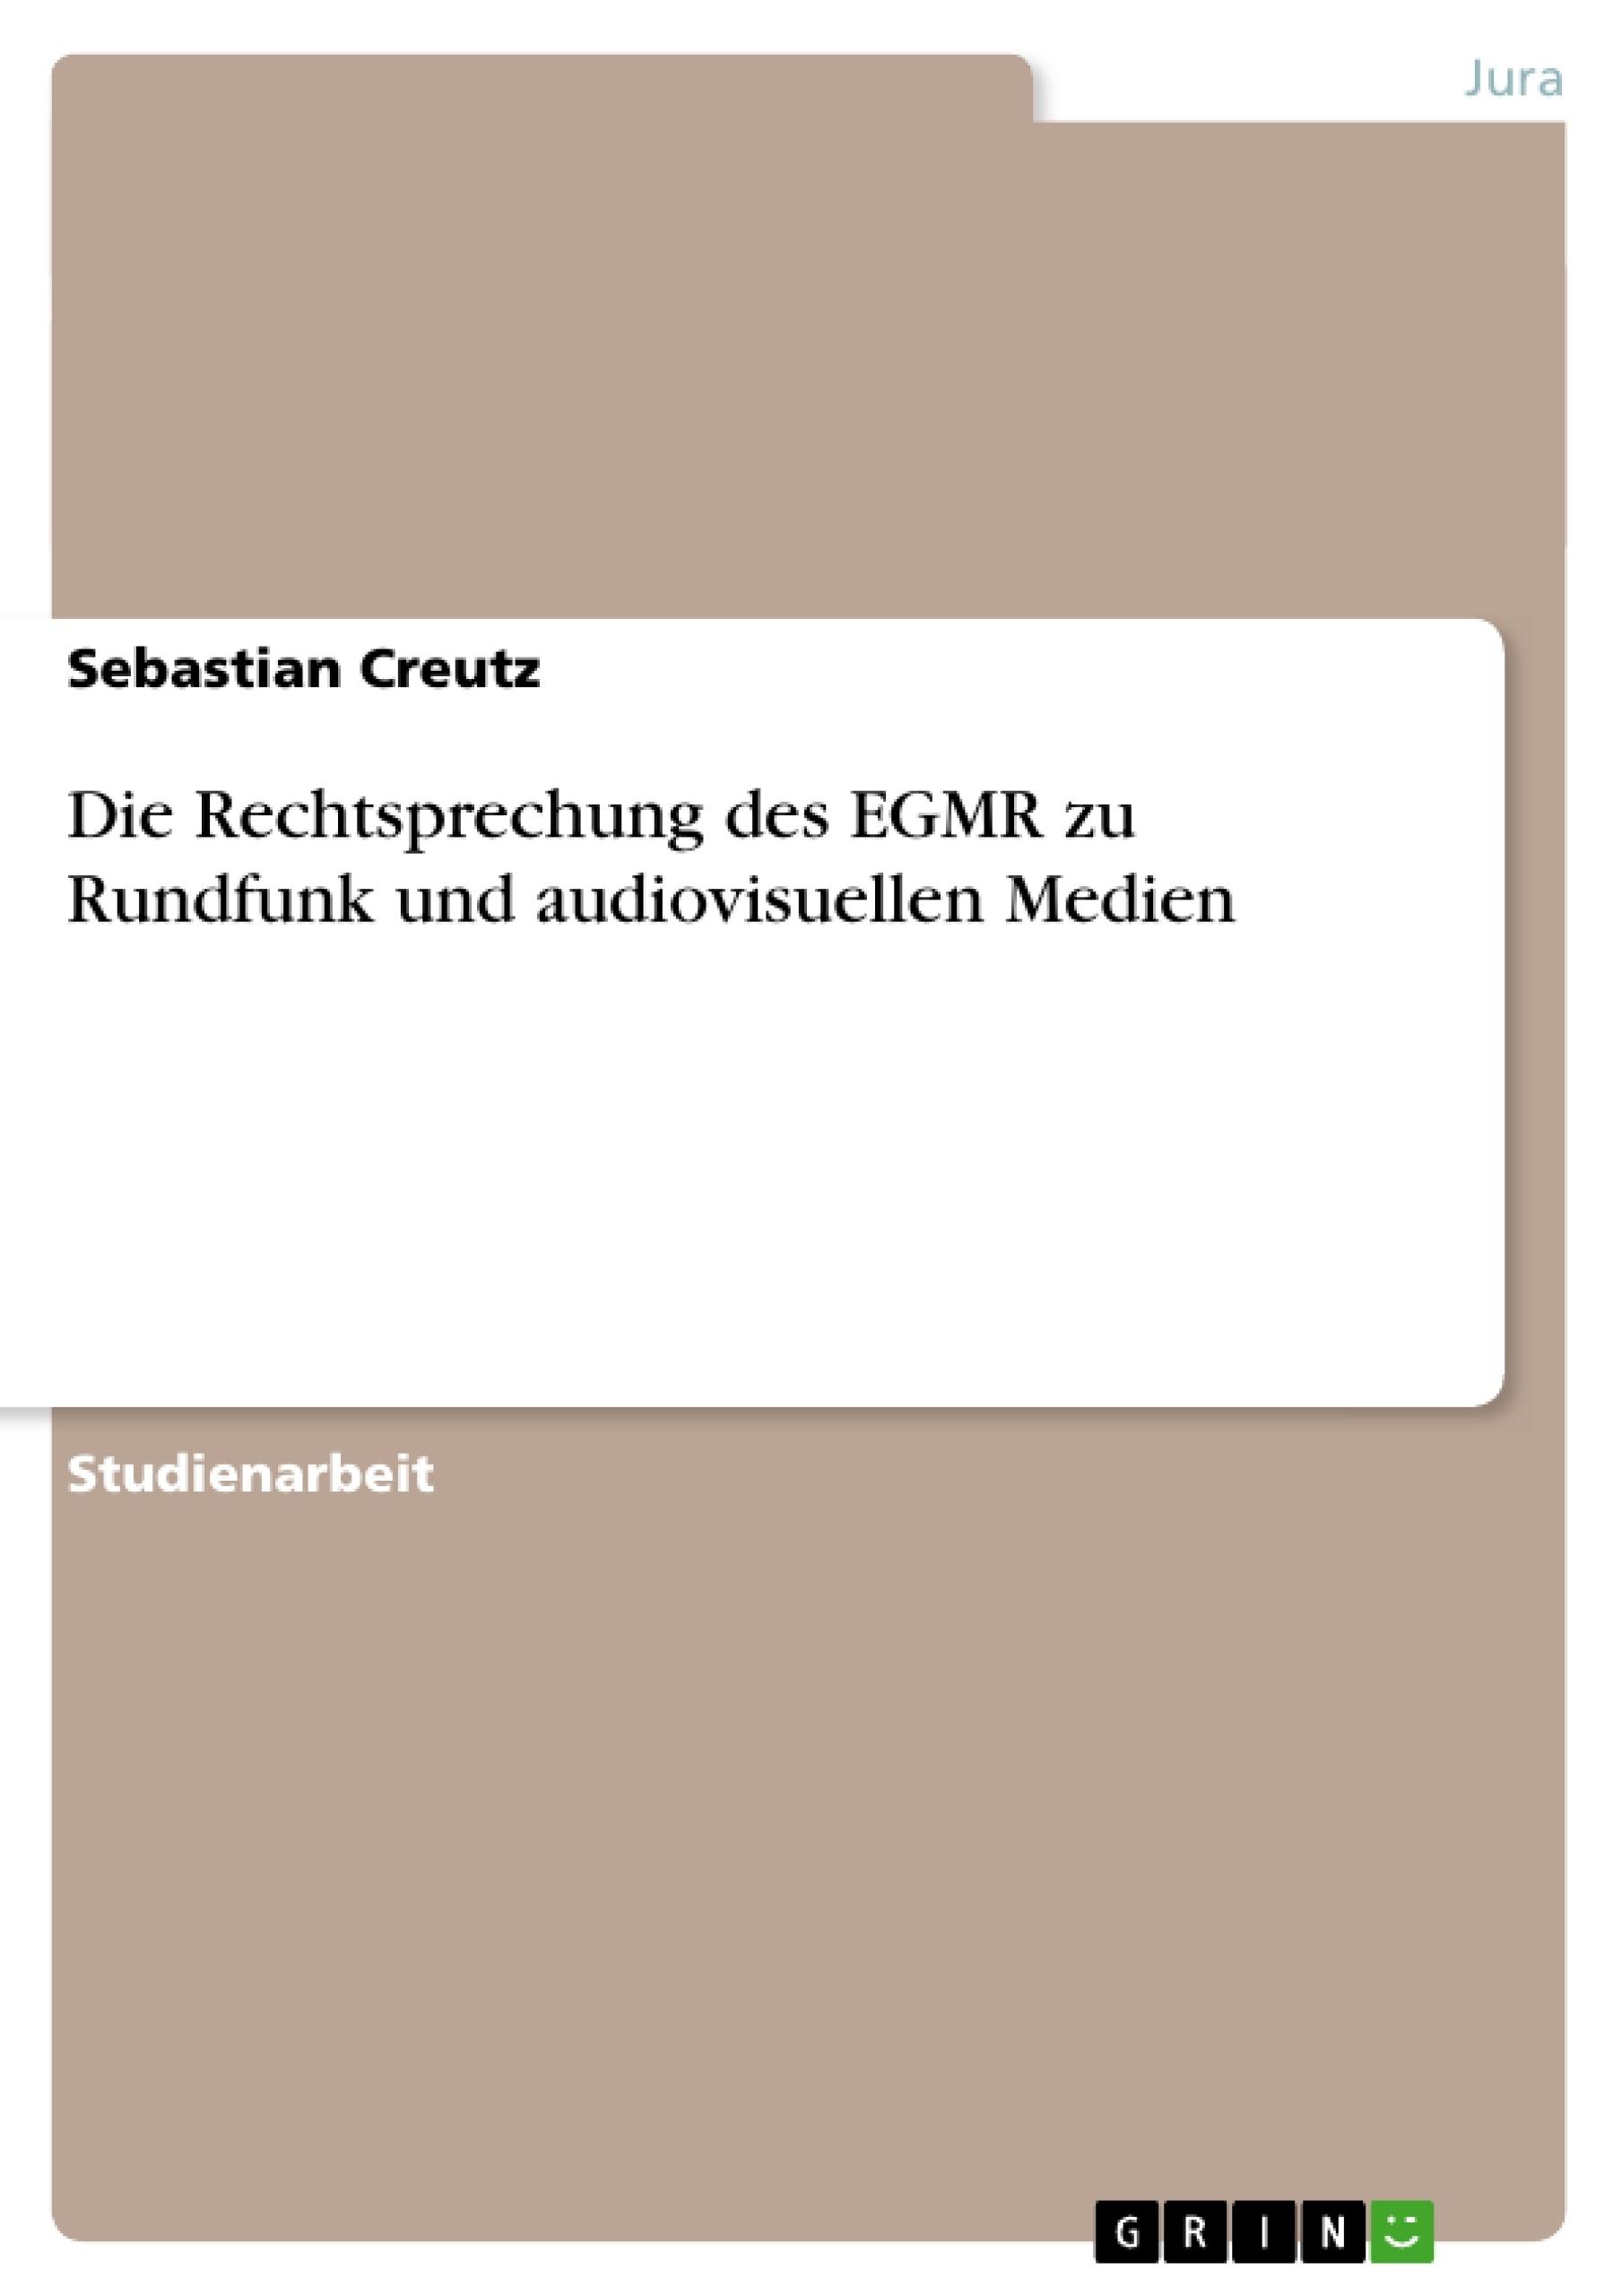 Titel: Die Rechtsprechung des EGMR zu Rundfunk und audiovisuellen Medien